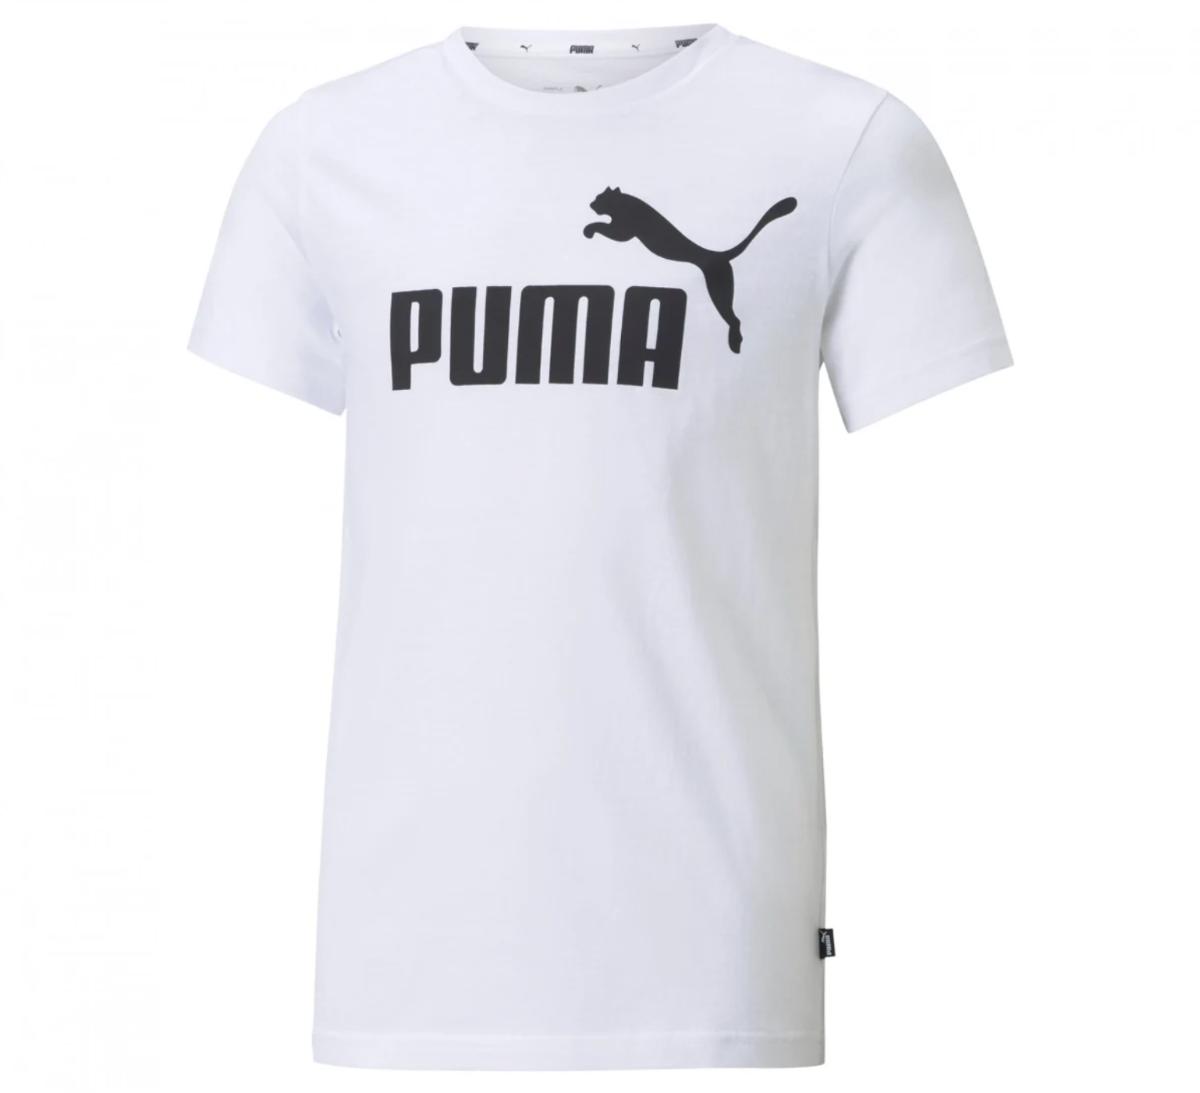 טישירט PUMA לבנה - 1-6 שנים